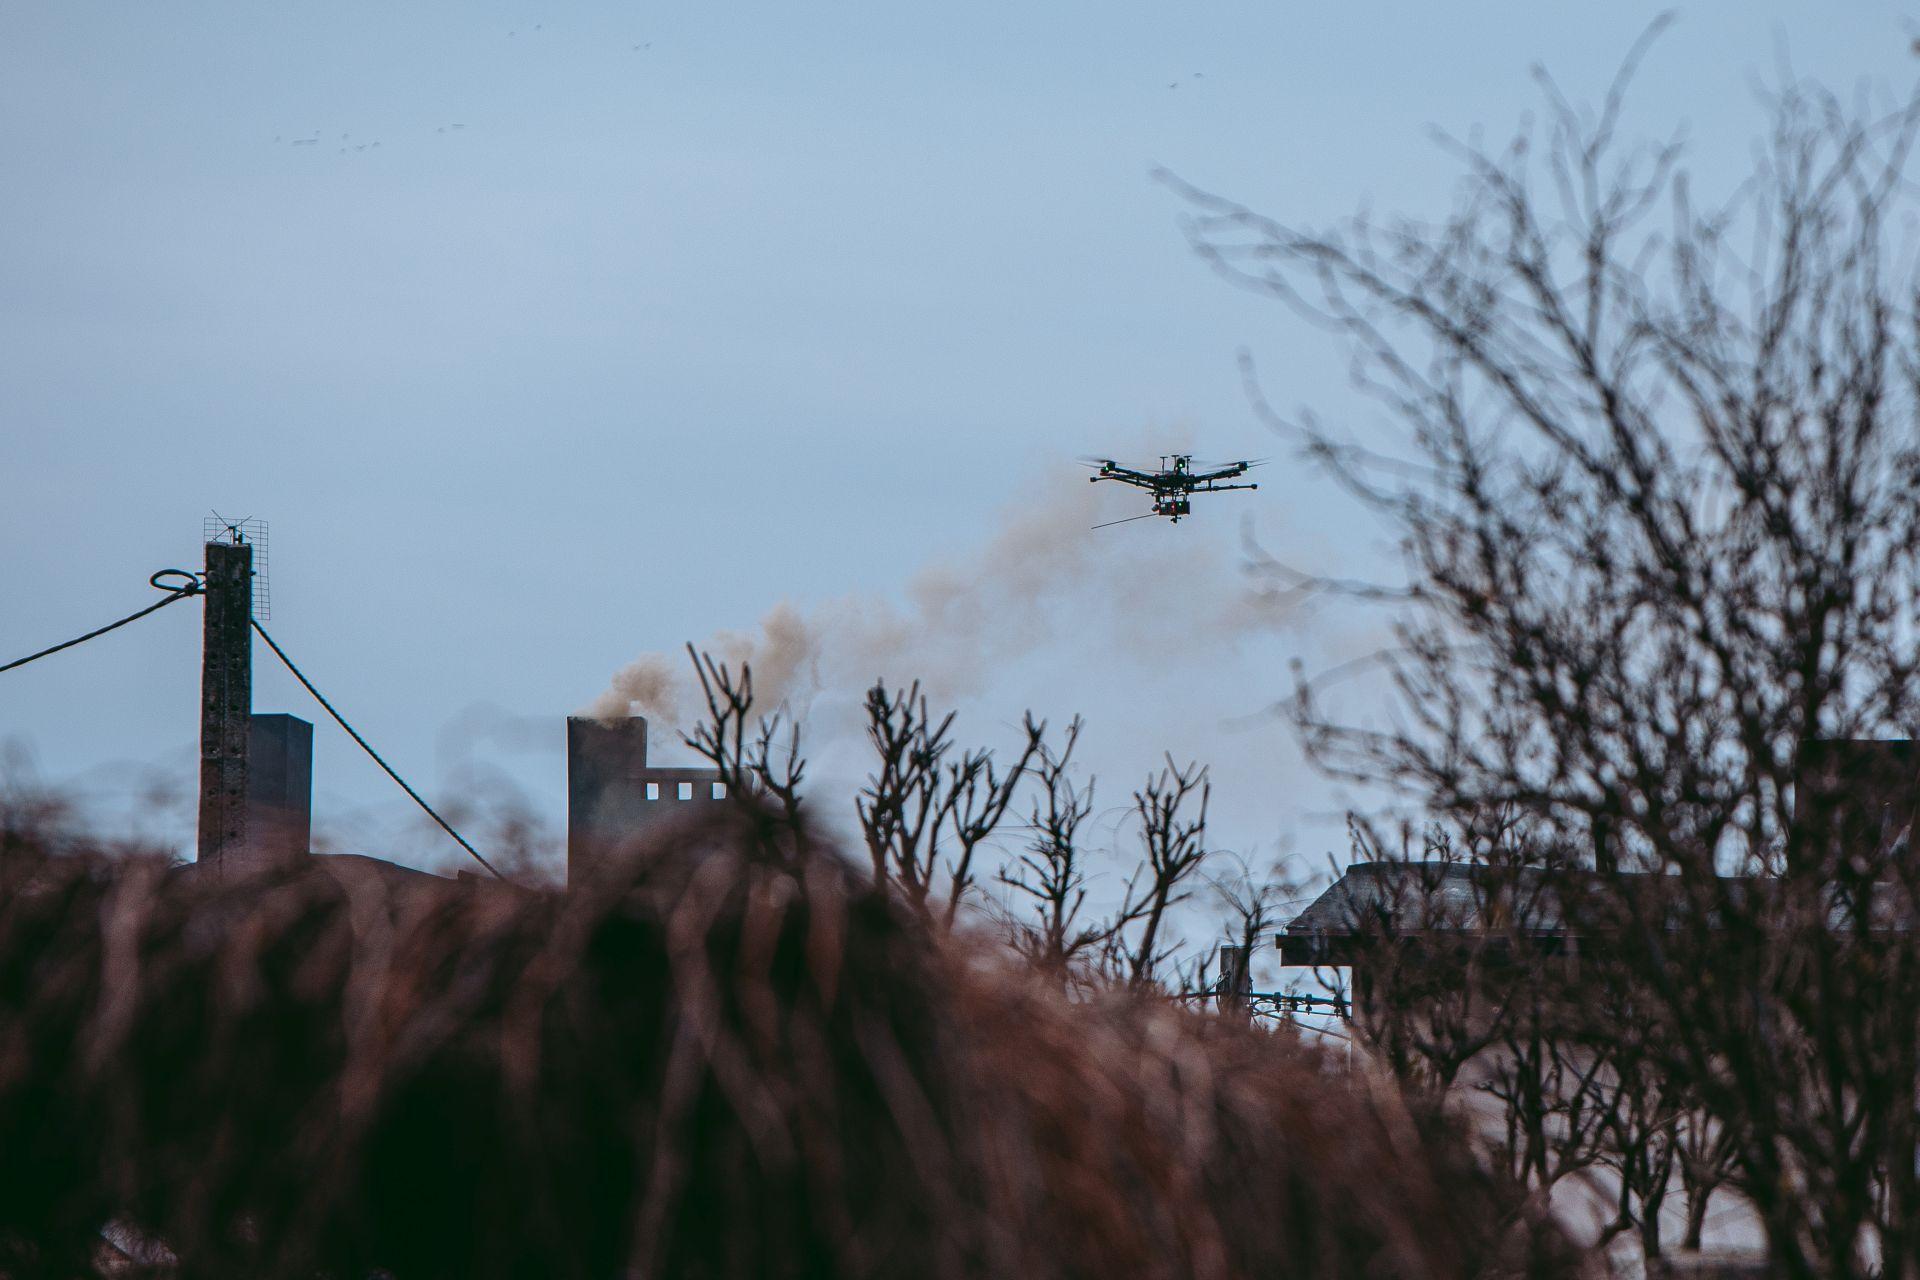 pomiary jakosci powietrza dronem